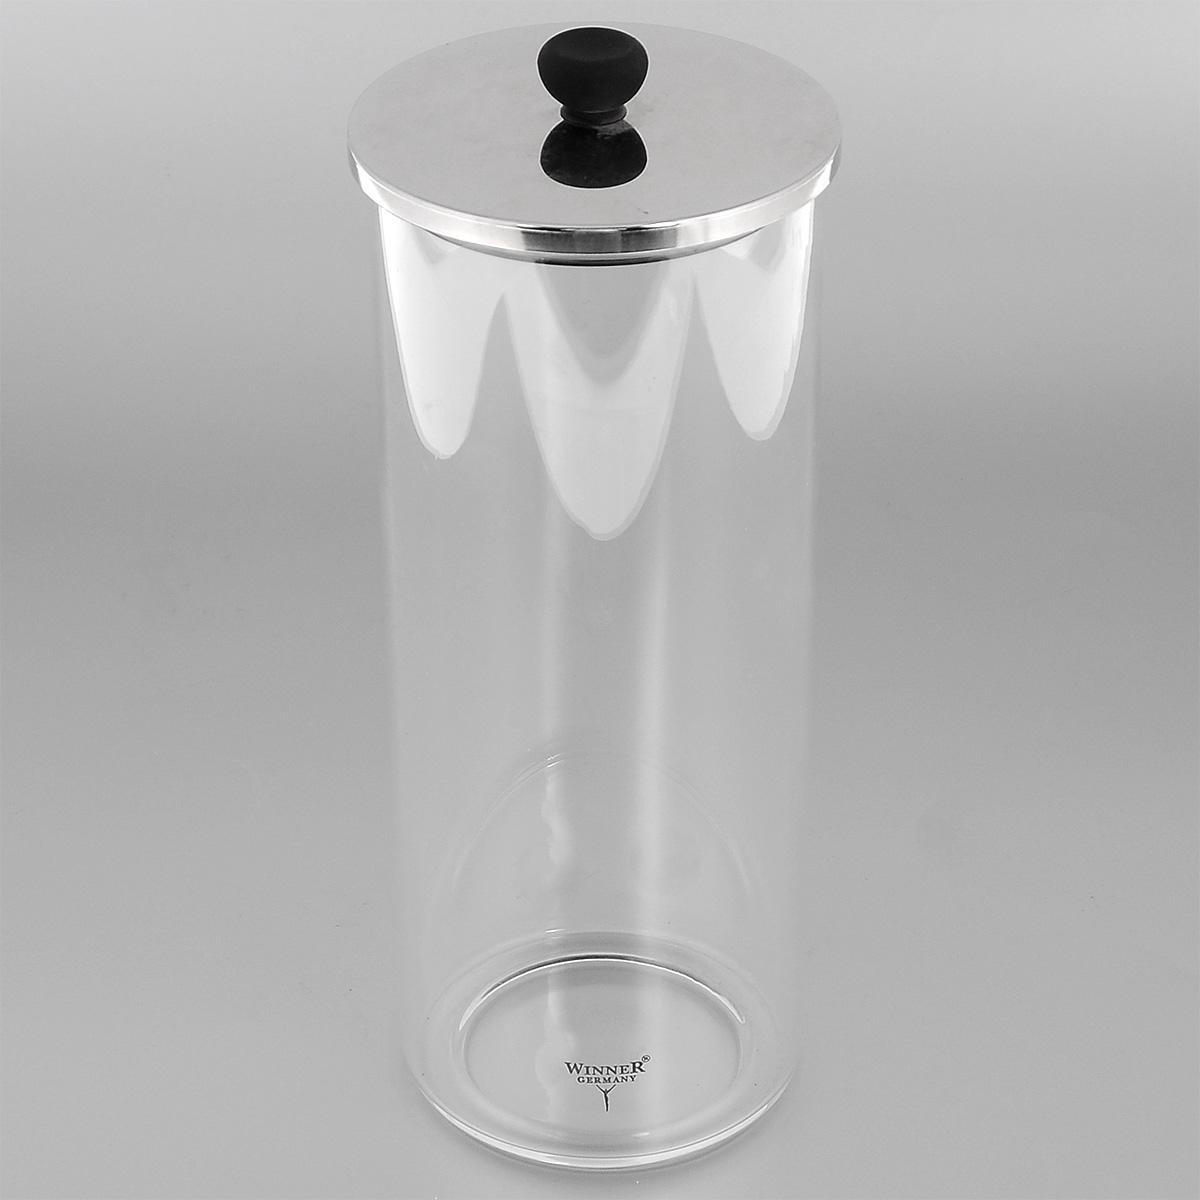 Контейнер для сыпучих продуктов Winner, 1,4 лWR-6906Контейнер Winner, выполненный из высококачественного стекла, станет незаменимым помощником на кухне. В нем будет удобно хранить разнообразные сыпучие продукты, такие как кофе, крупы, макароны или специи. Контейнер снабжен герметичной крышкой из нержавеющей стали с силиконовым уплотнителем, благодаря чему продукты в нем дольше останутся свежими. Контейнер Winner станет достойным дополнением к кухонному инвентарю. Диаметр: 9 см. Высота (без учета крышки): 24 см. Объем: 1,4 л.